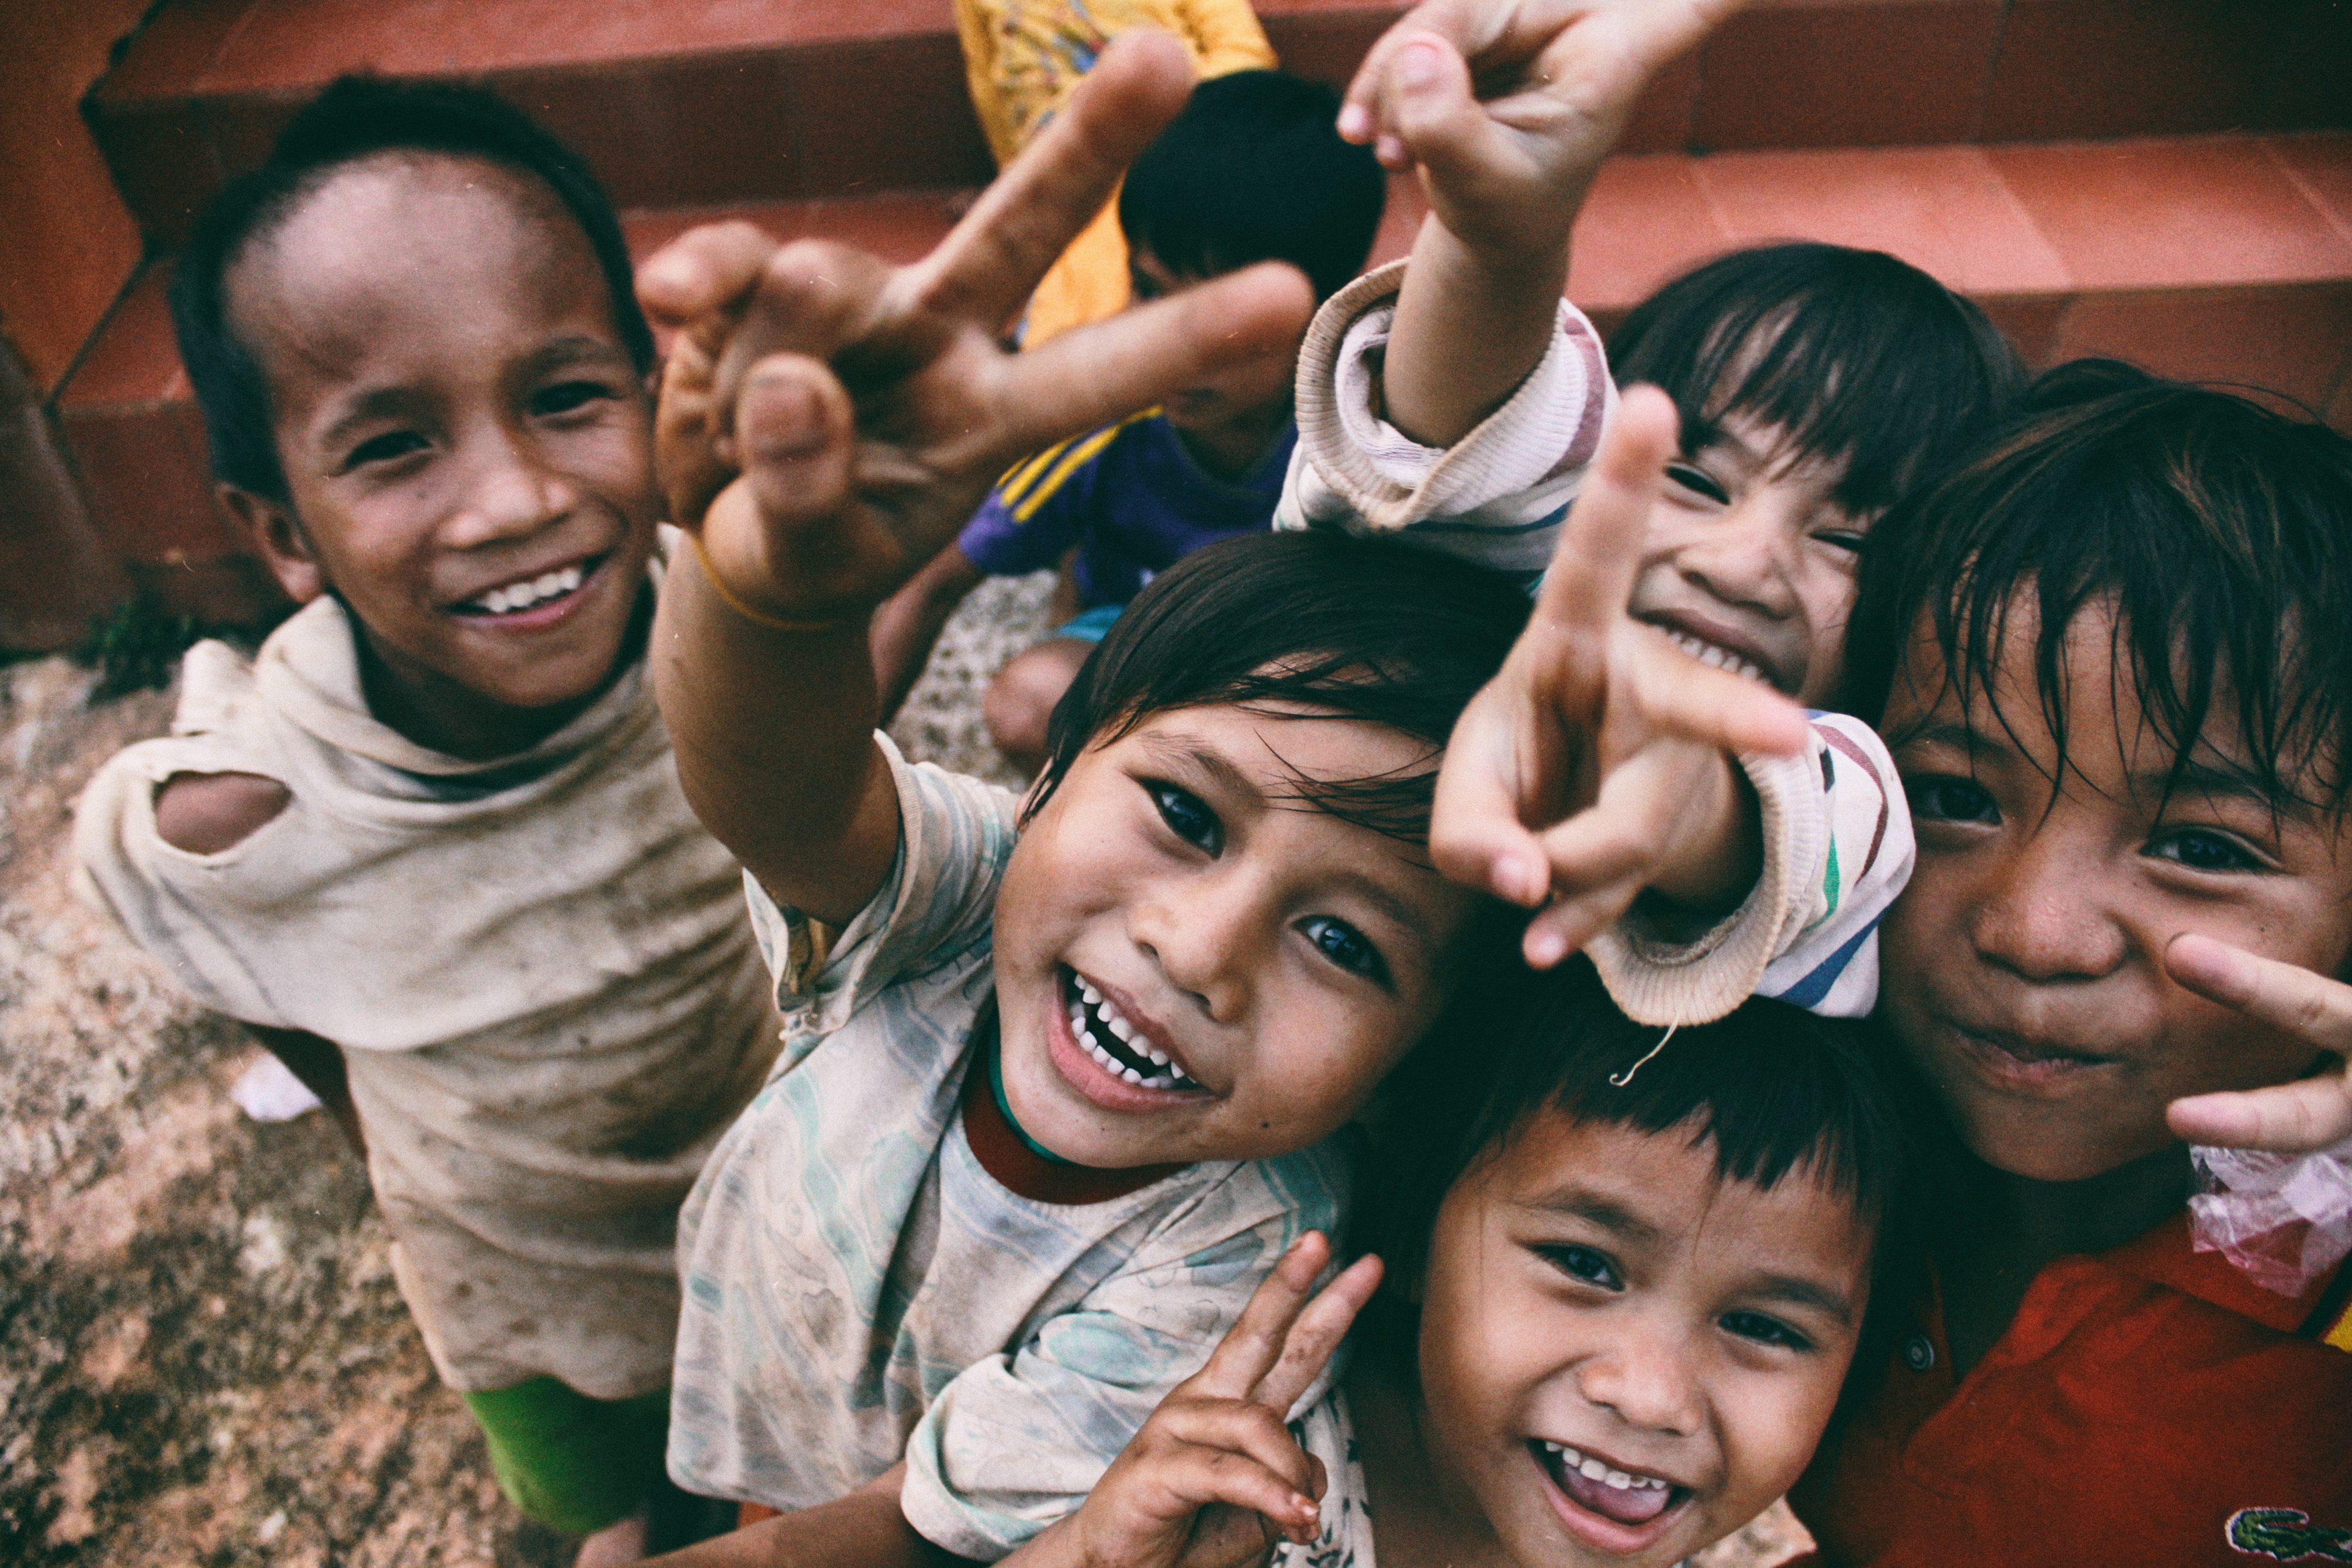 Ambasada Dobrej Woli tworzy przy współpracy z SolDevelo Social Impact Foundation nowy projekt